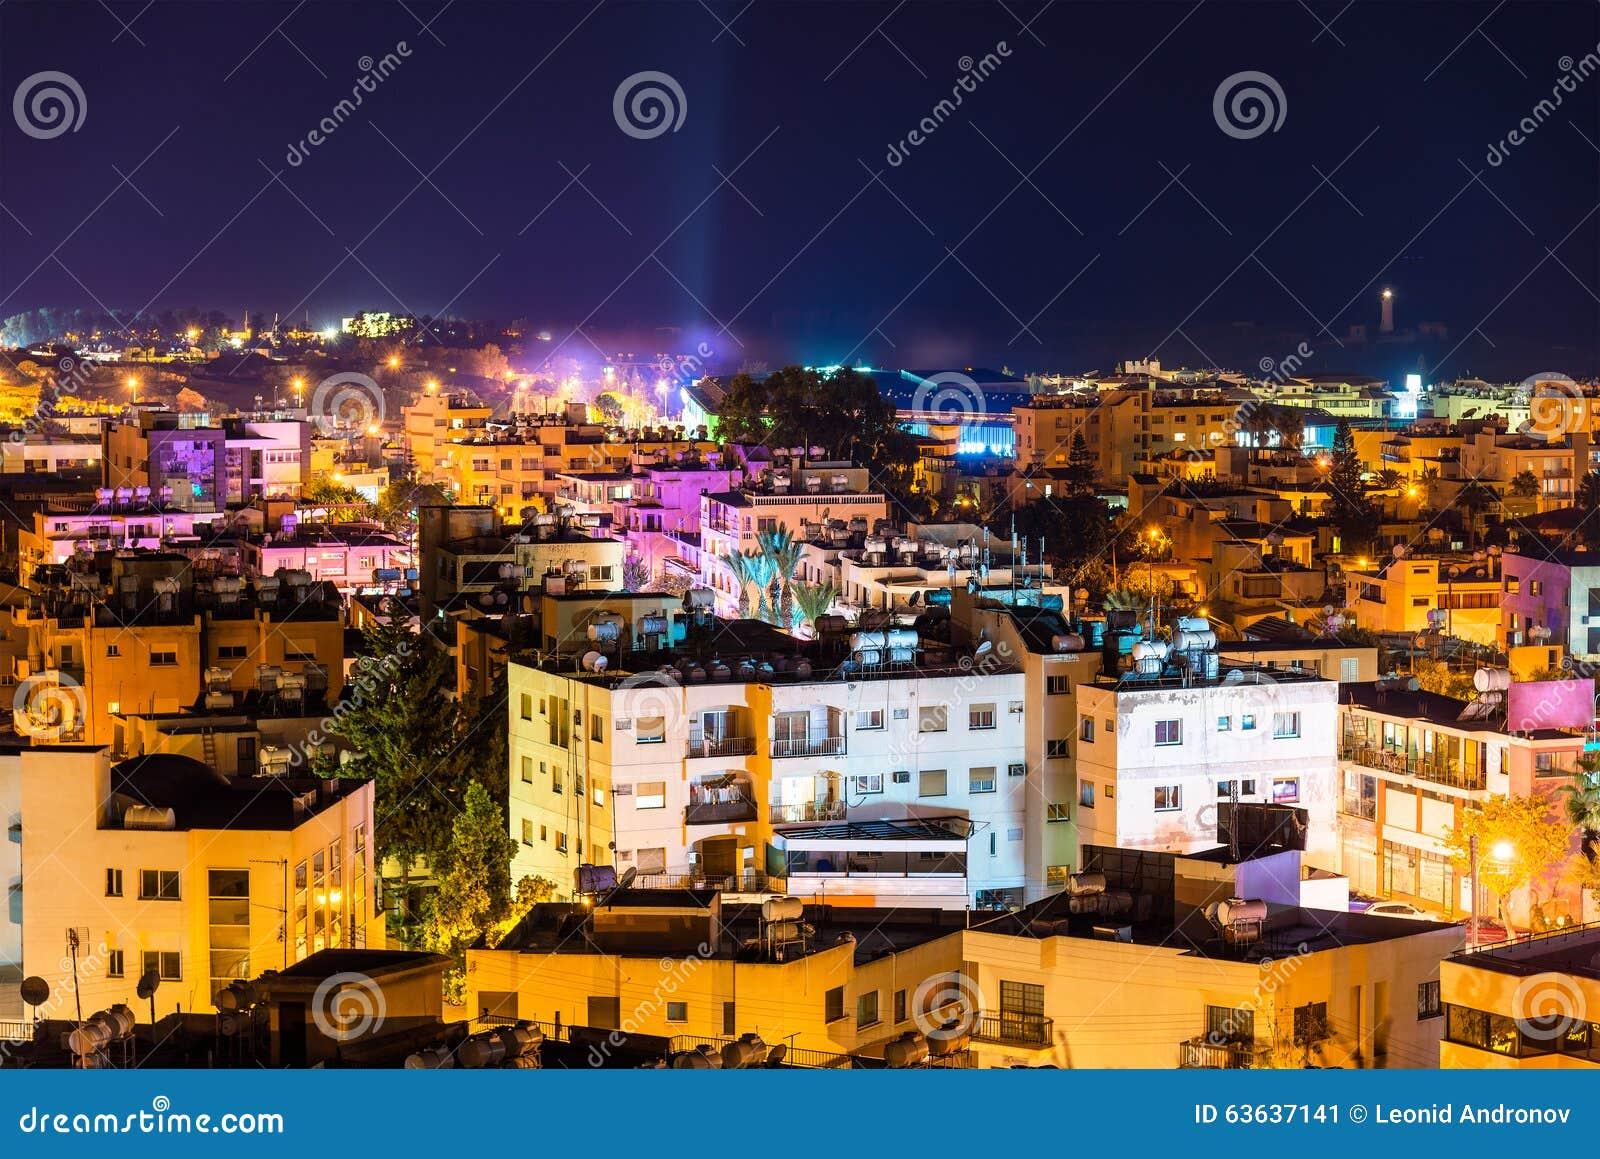 Άποψη νύχτας της πόλης της Πάφος